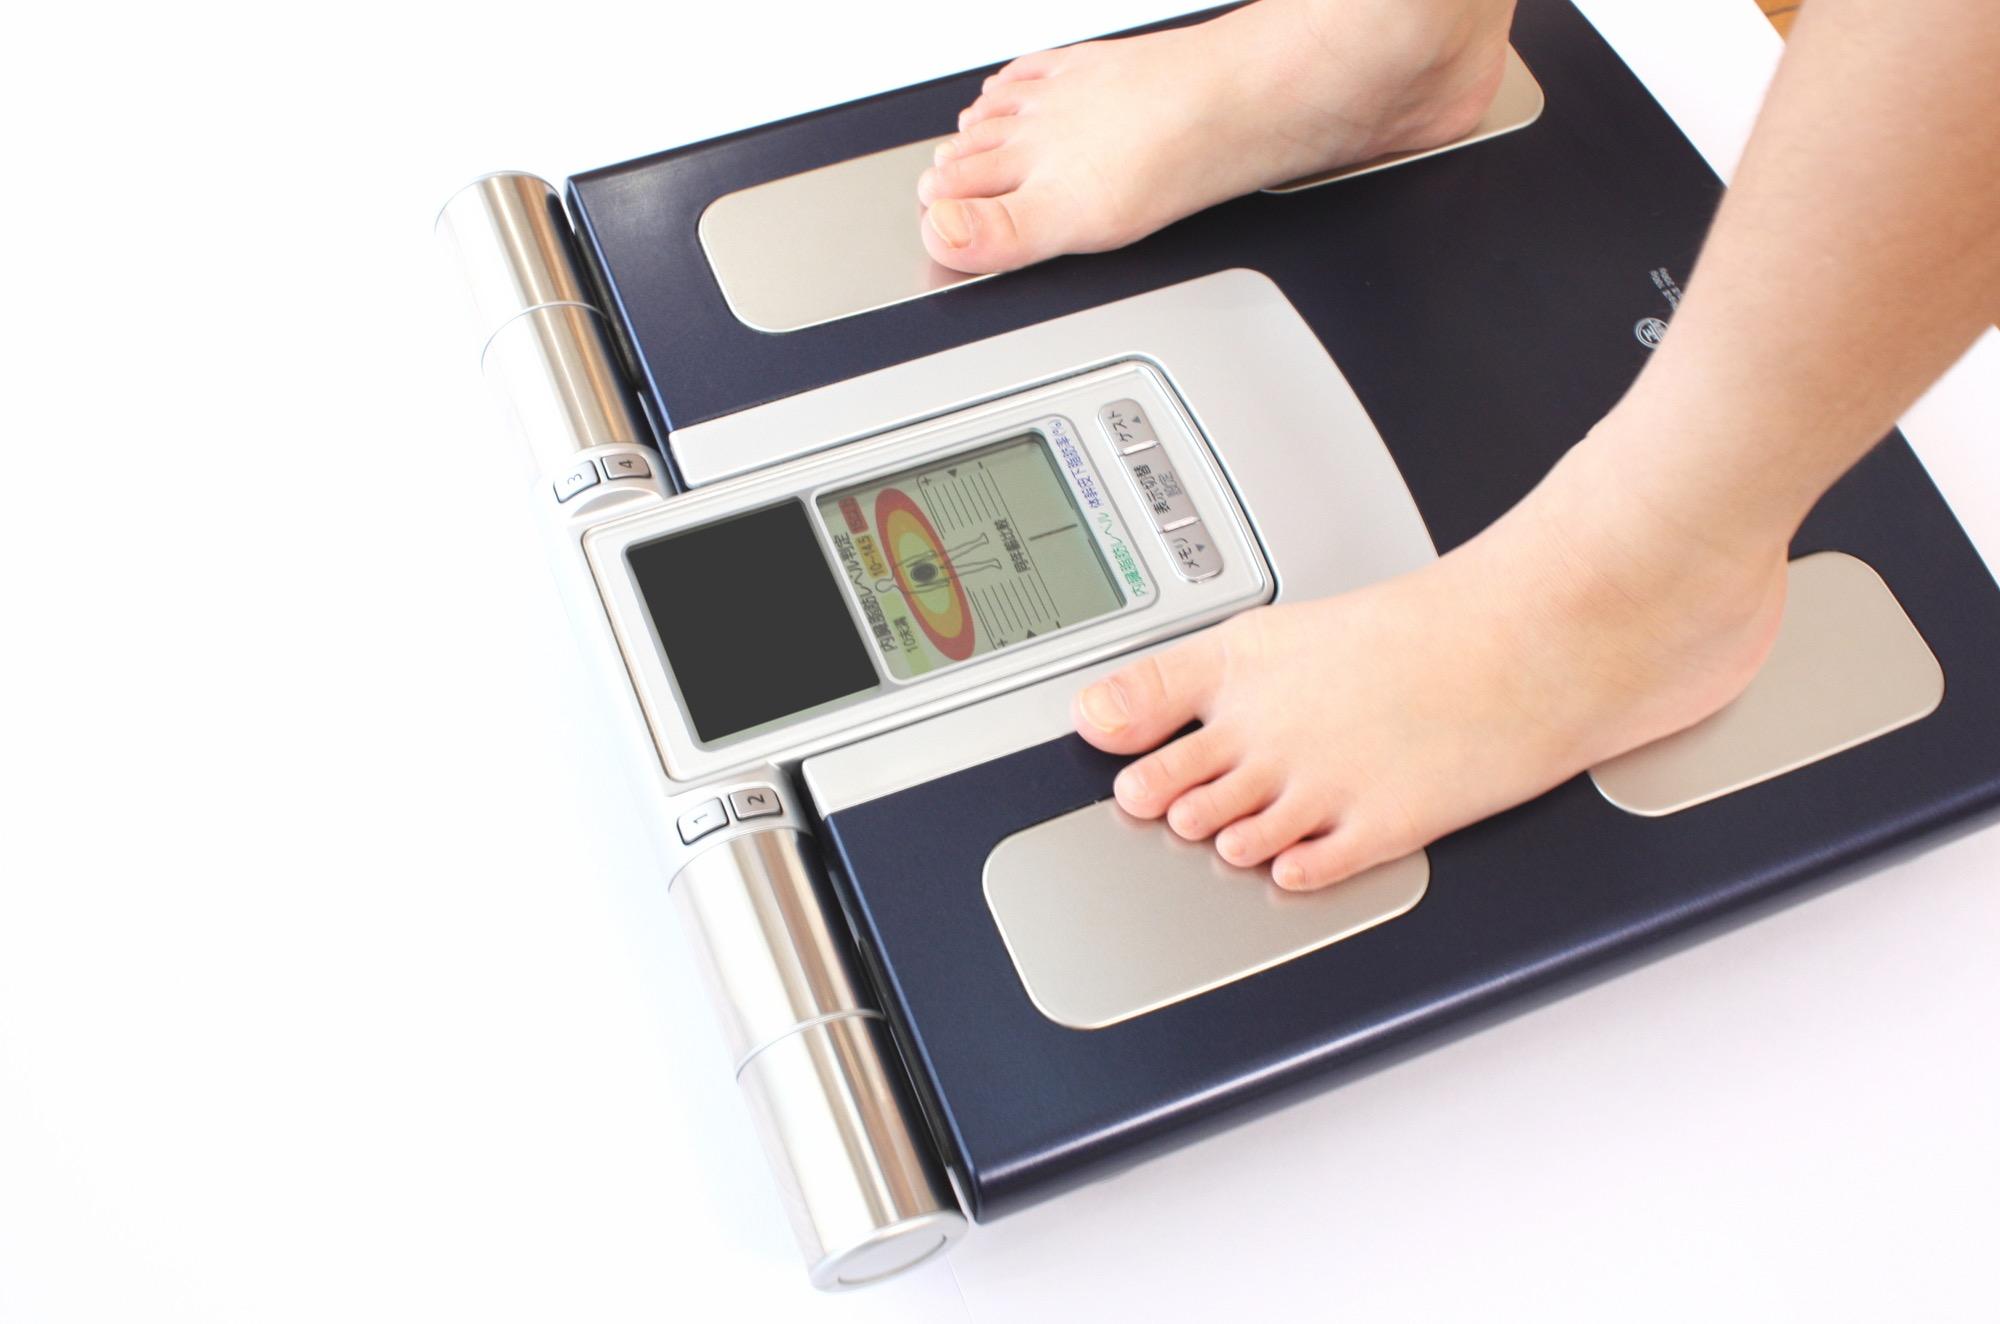 体脂肪計で体脂肪率を低く表示したいなら「お昼」がオススメ!/身のまわりのモノの技術(12)【連載】